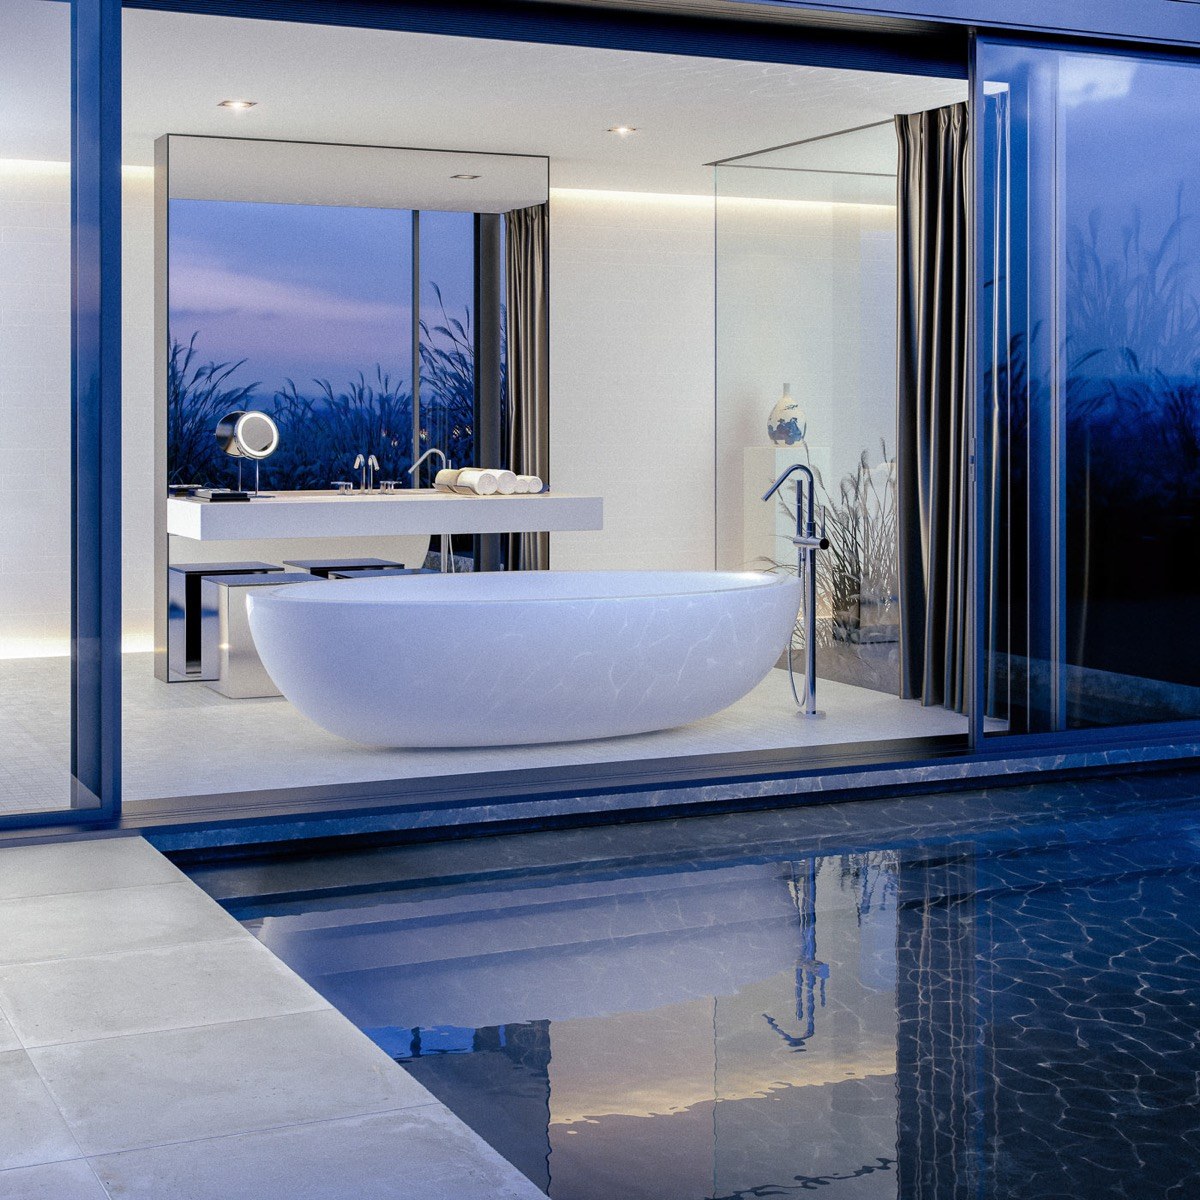 Baignoire piscine intérieure